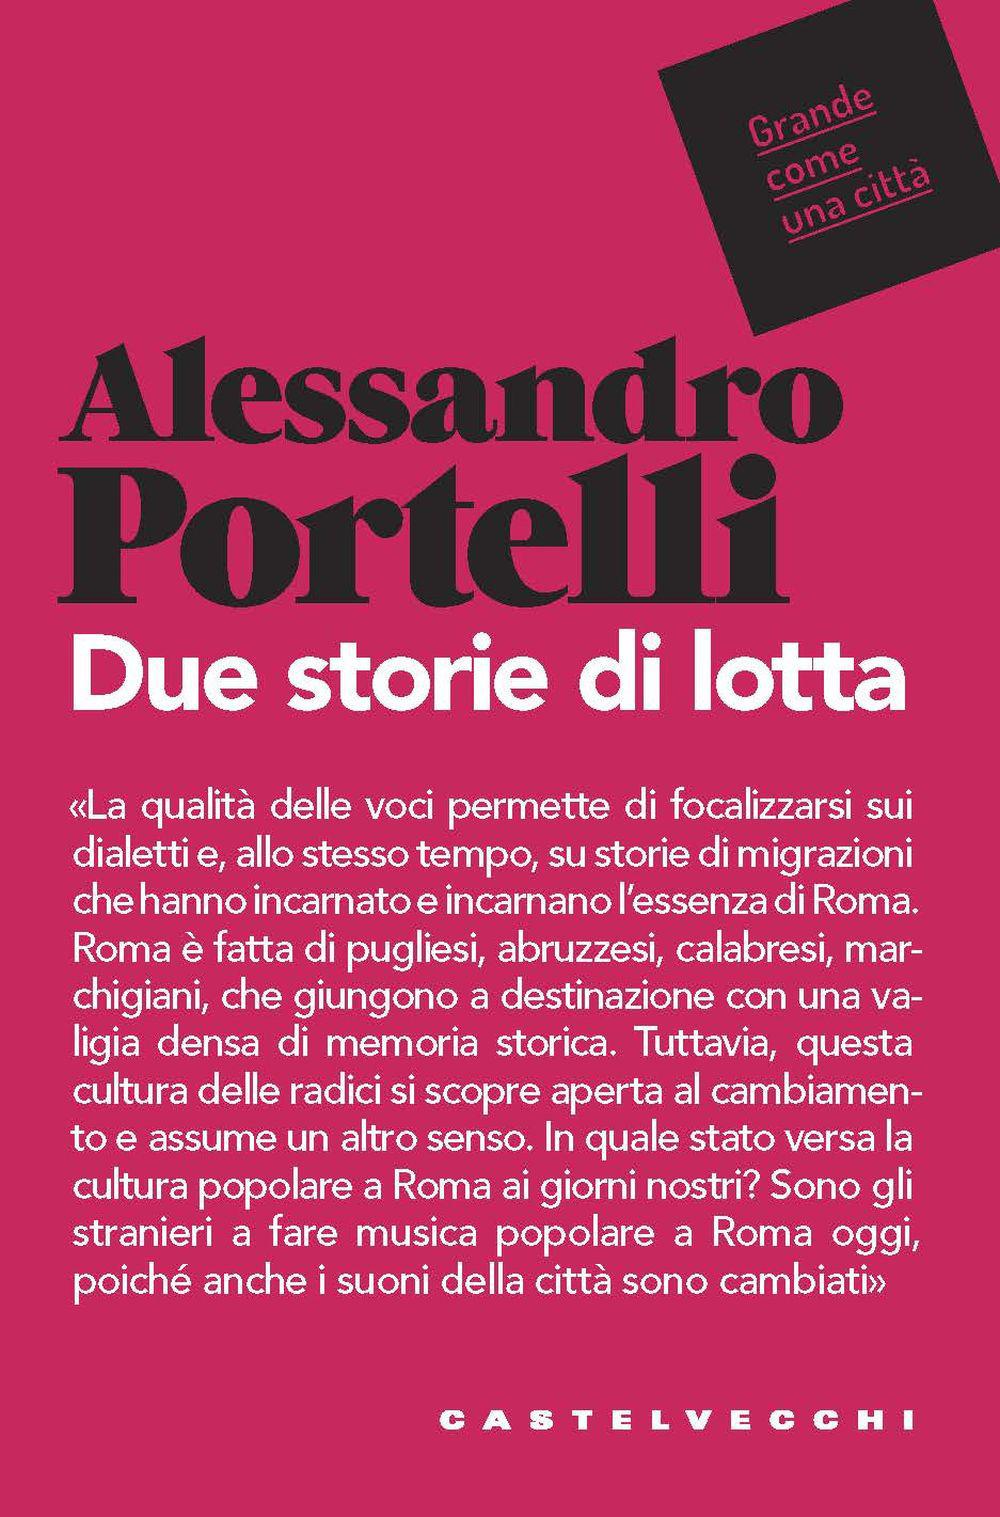 DUE STORIE DI LOTTA - Portelli Alessandro - 9788832829976